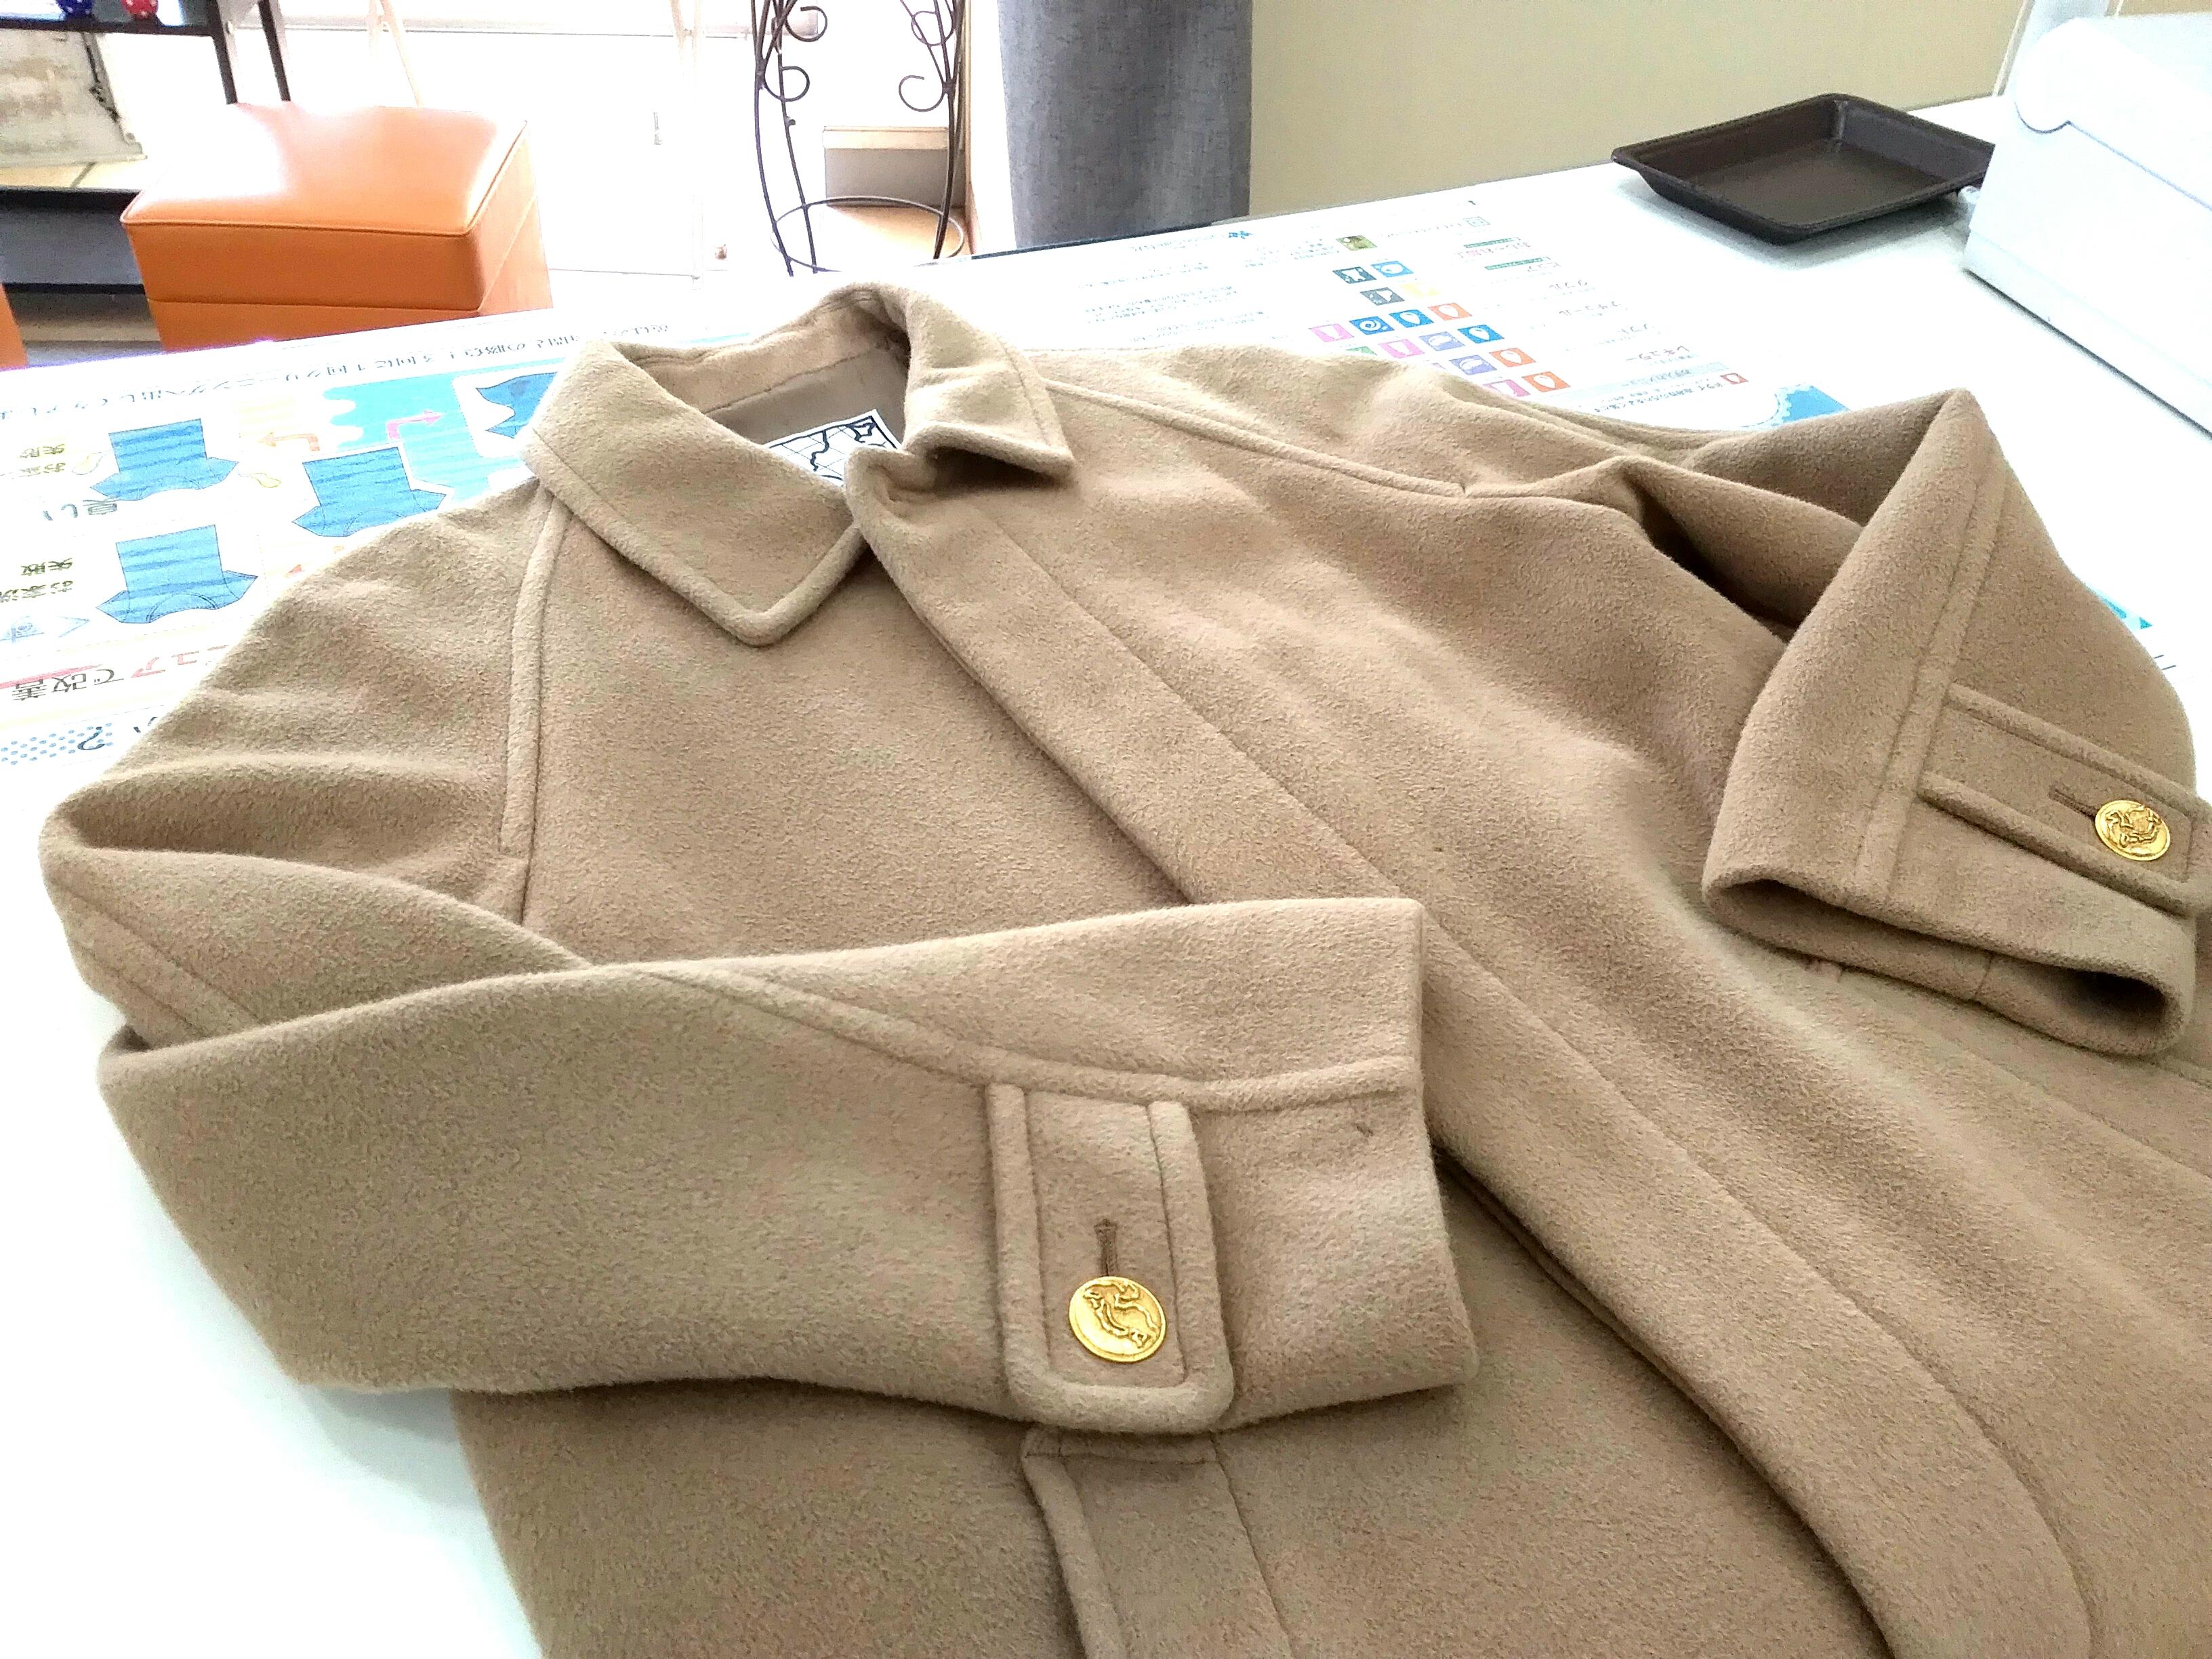 ≪ラグラン袖のコート~肩山をなだらかに~≫